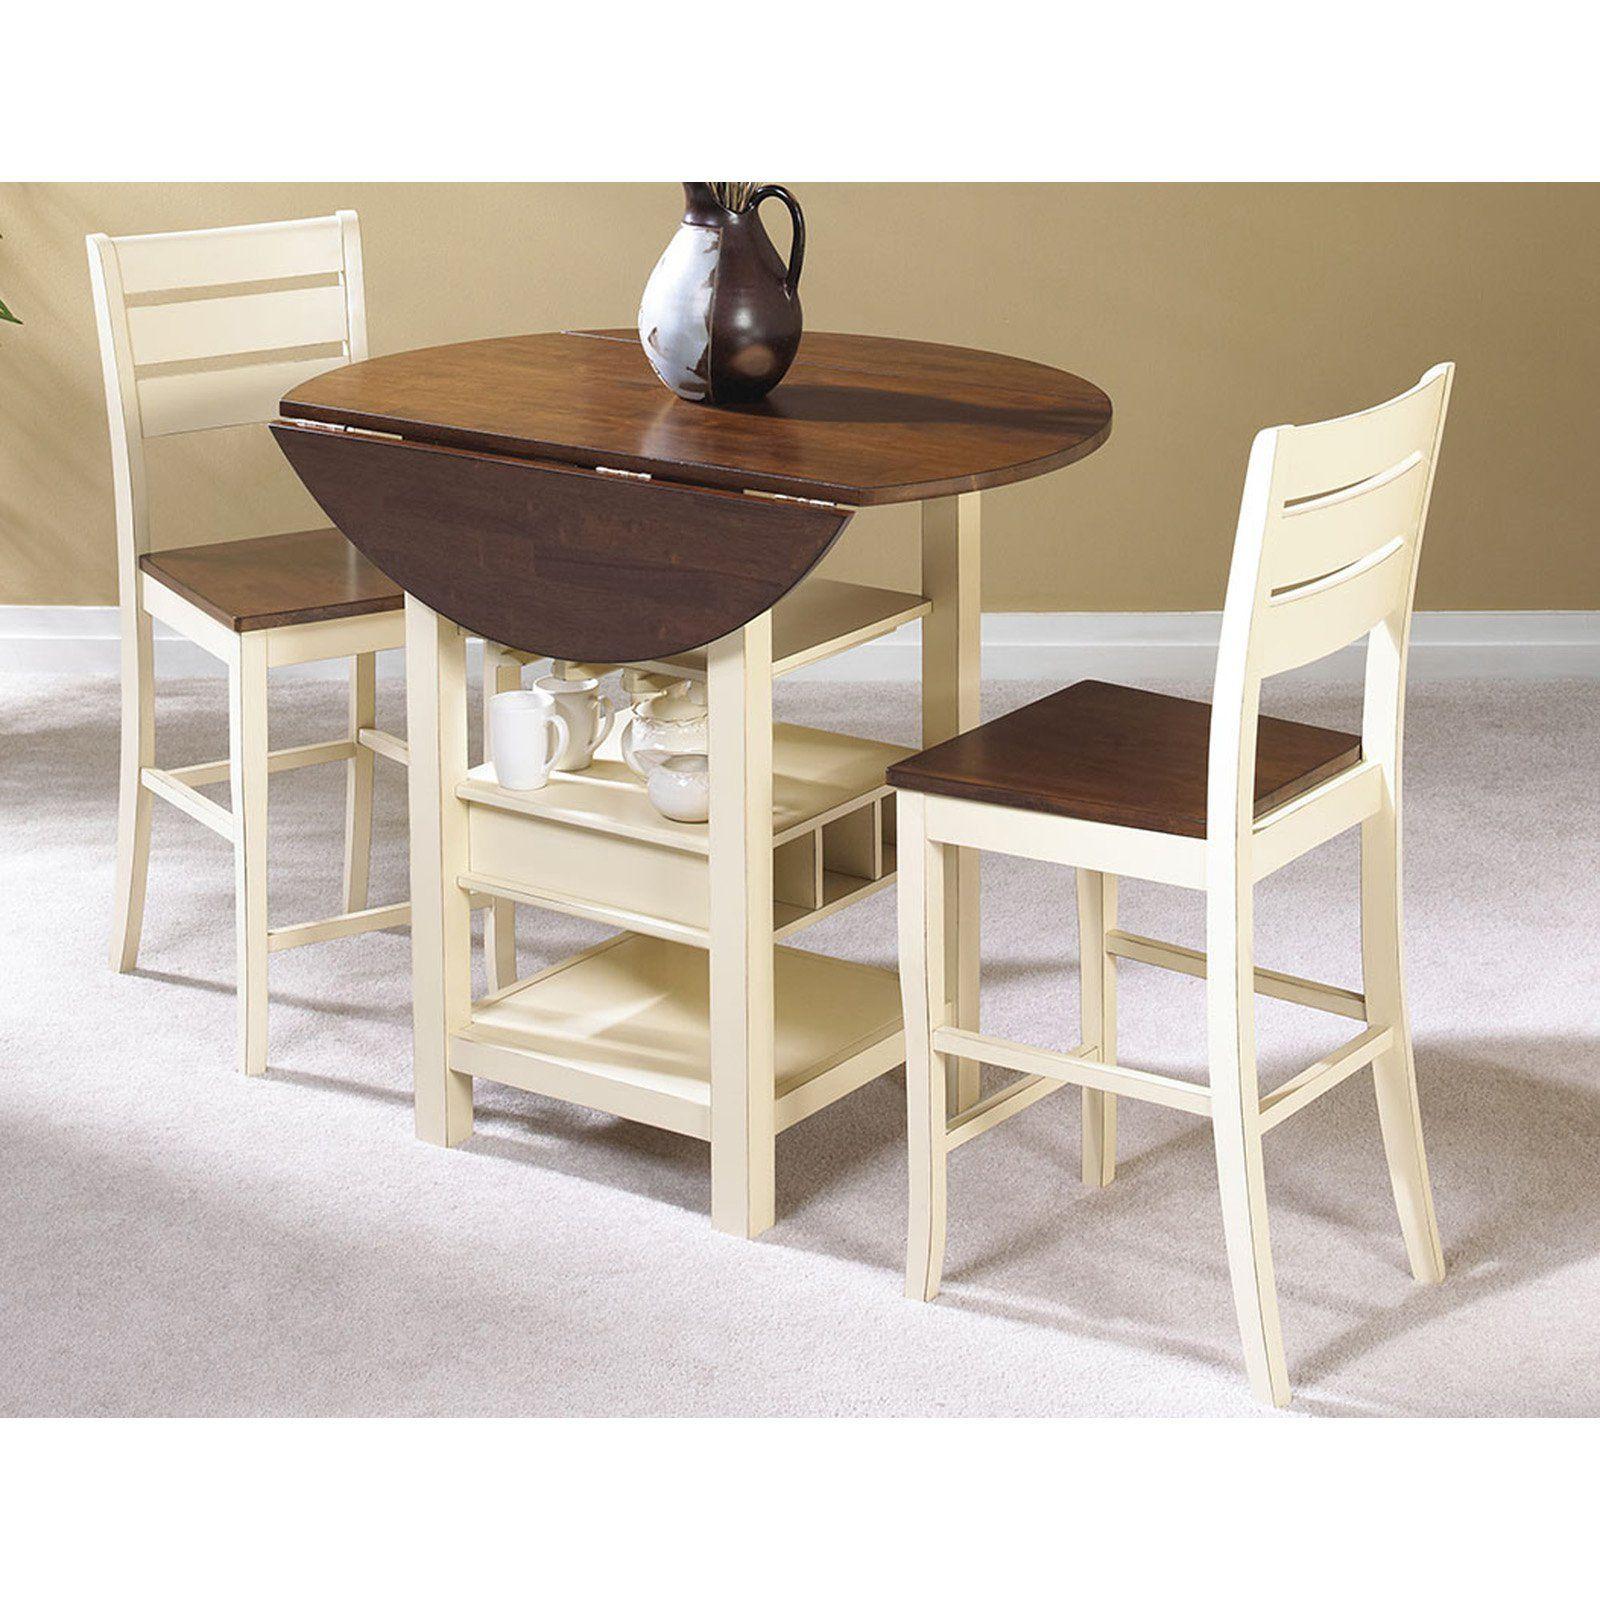 Sunset Trading Cascade 3 Piece Cream & Espresso Pub Table Set